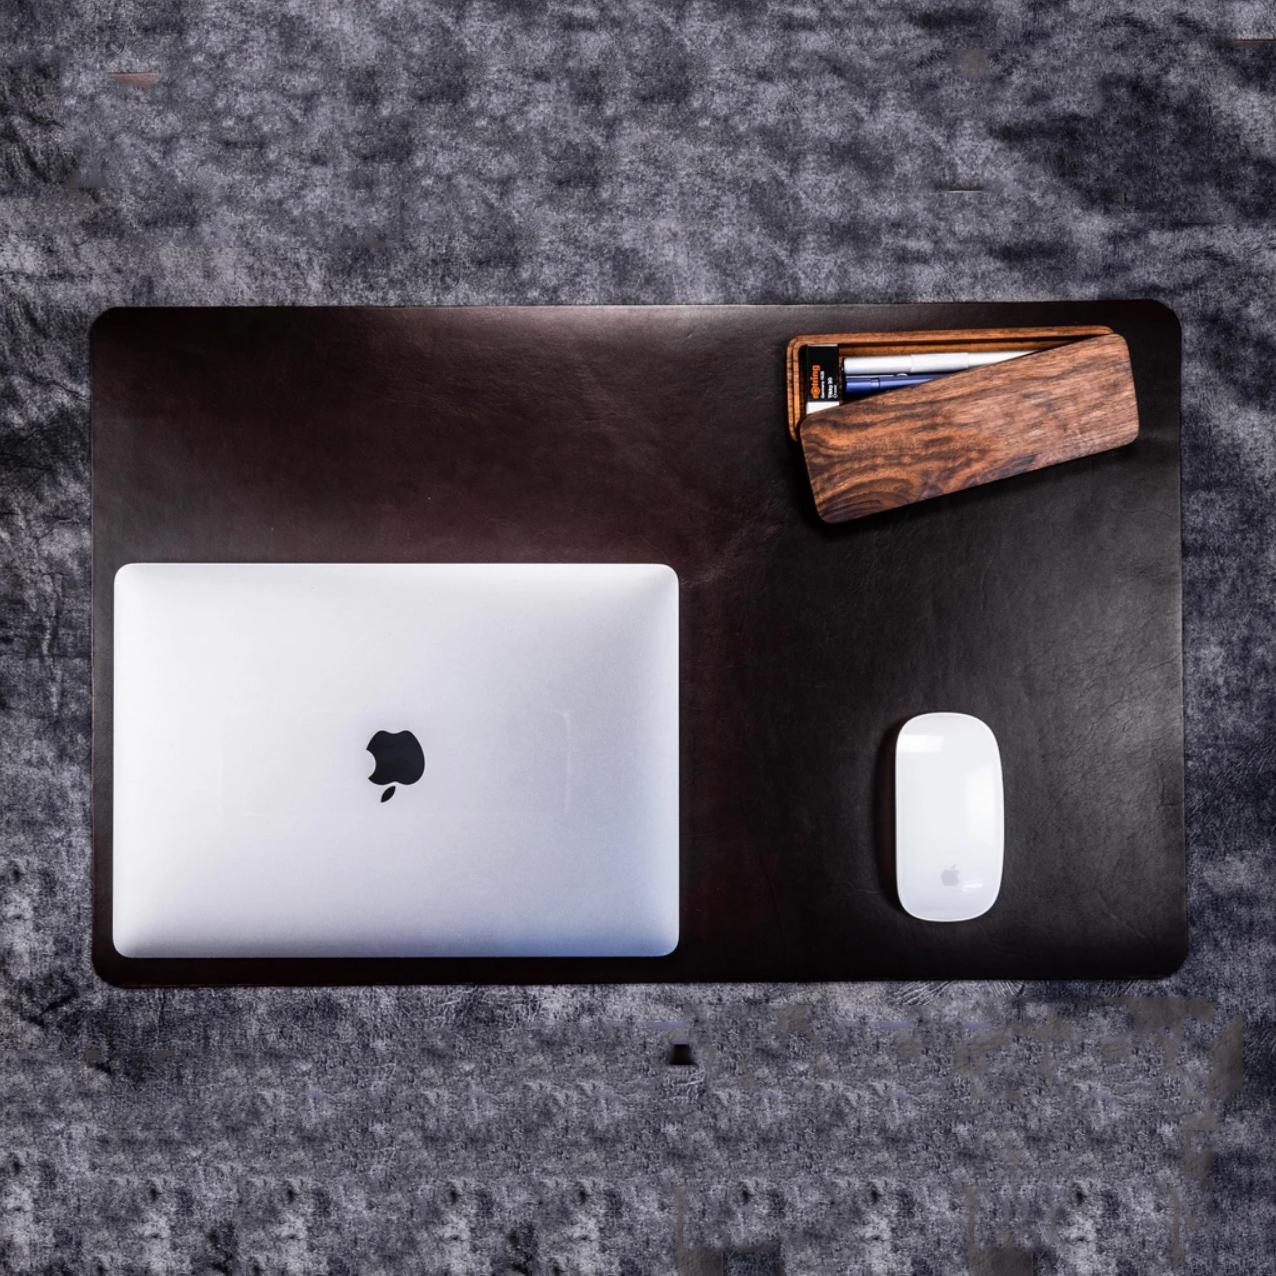 6 dovanos vyrams   verslo dovana naturalios odos ranku darbo laptop kompiuterio  padas stalo uztiesimas   53